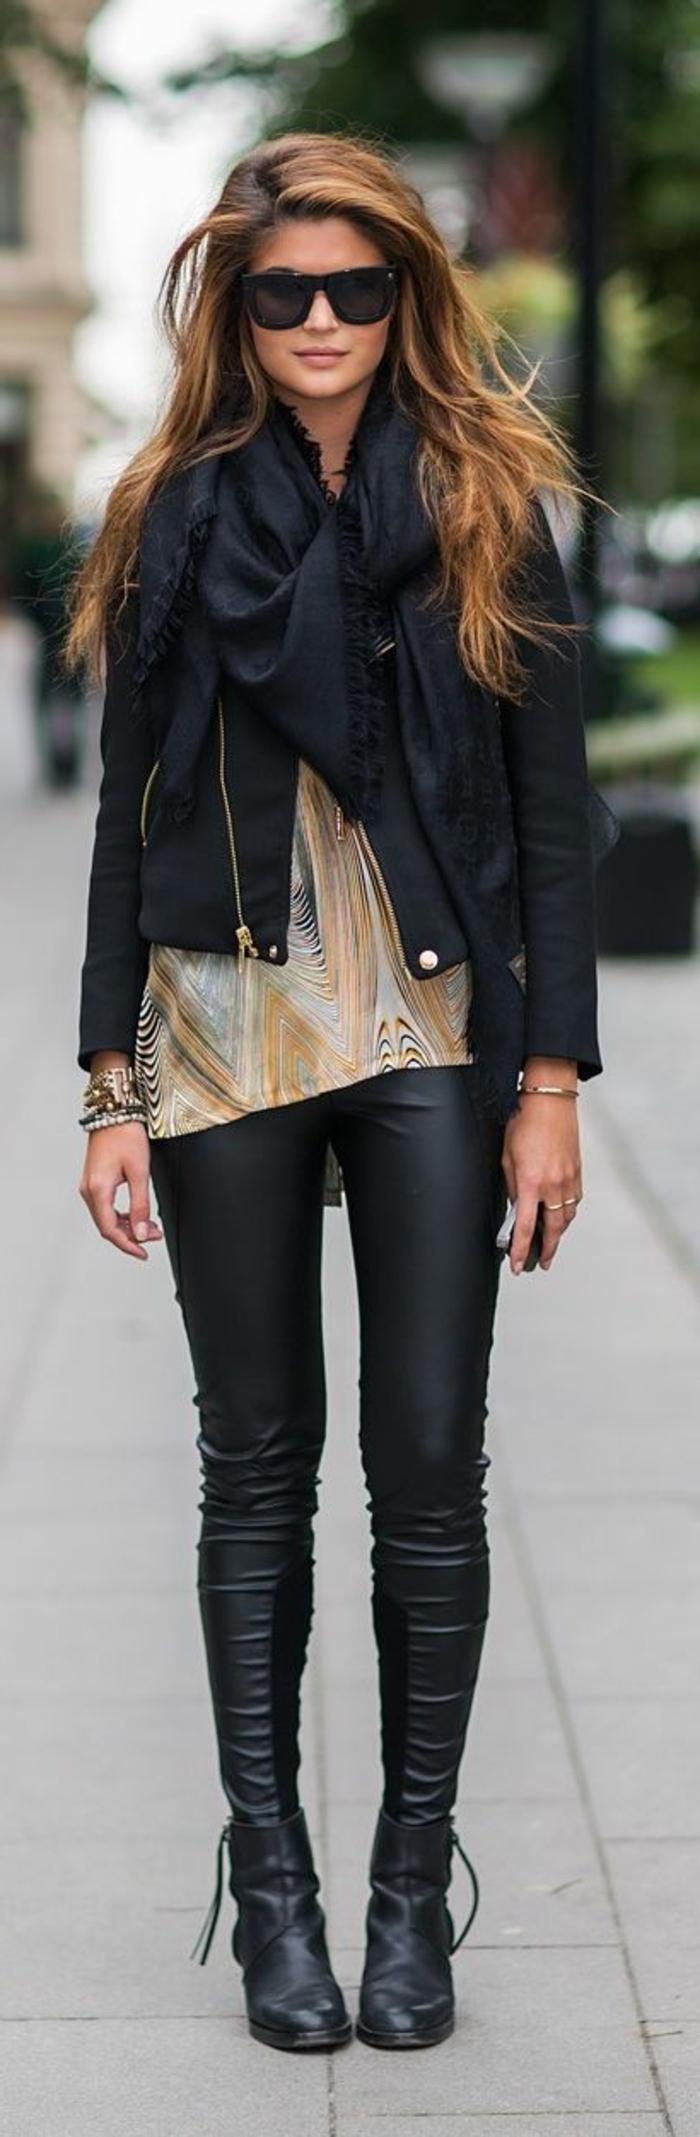 les-bottes-noires-élégantes-sont-un-vrai-hit-pour-l-hiver-2016-comment-les-porter